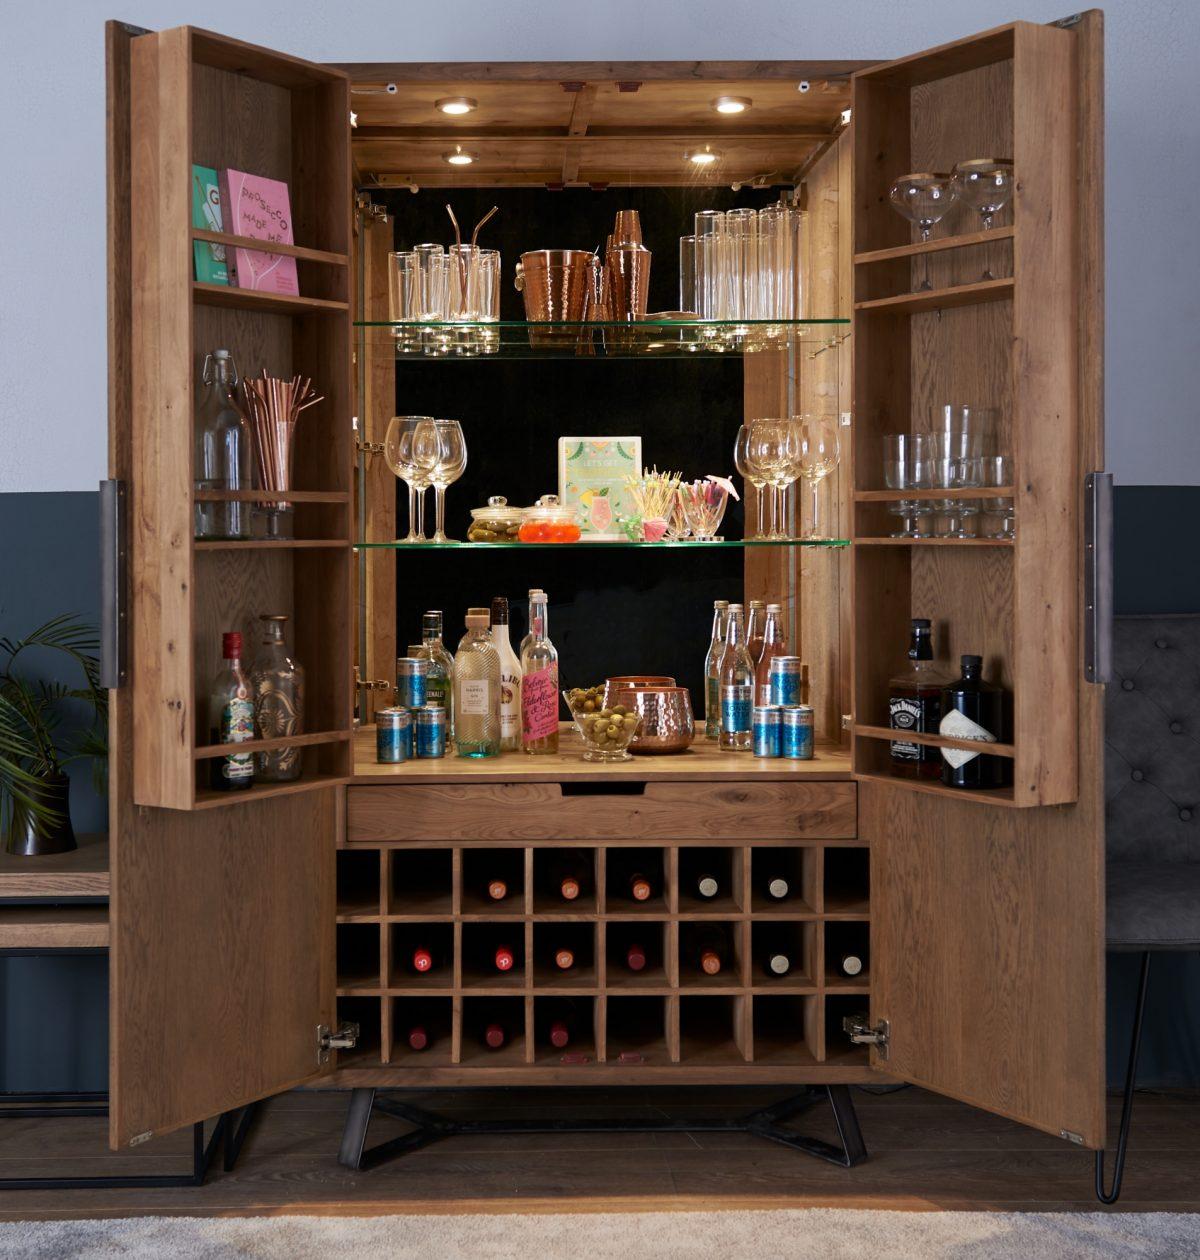 IB drinks cabinet open